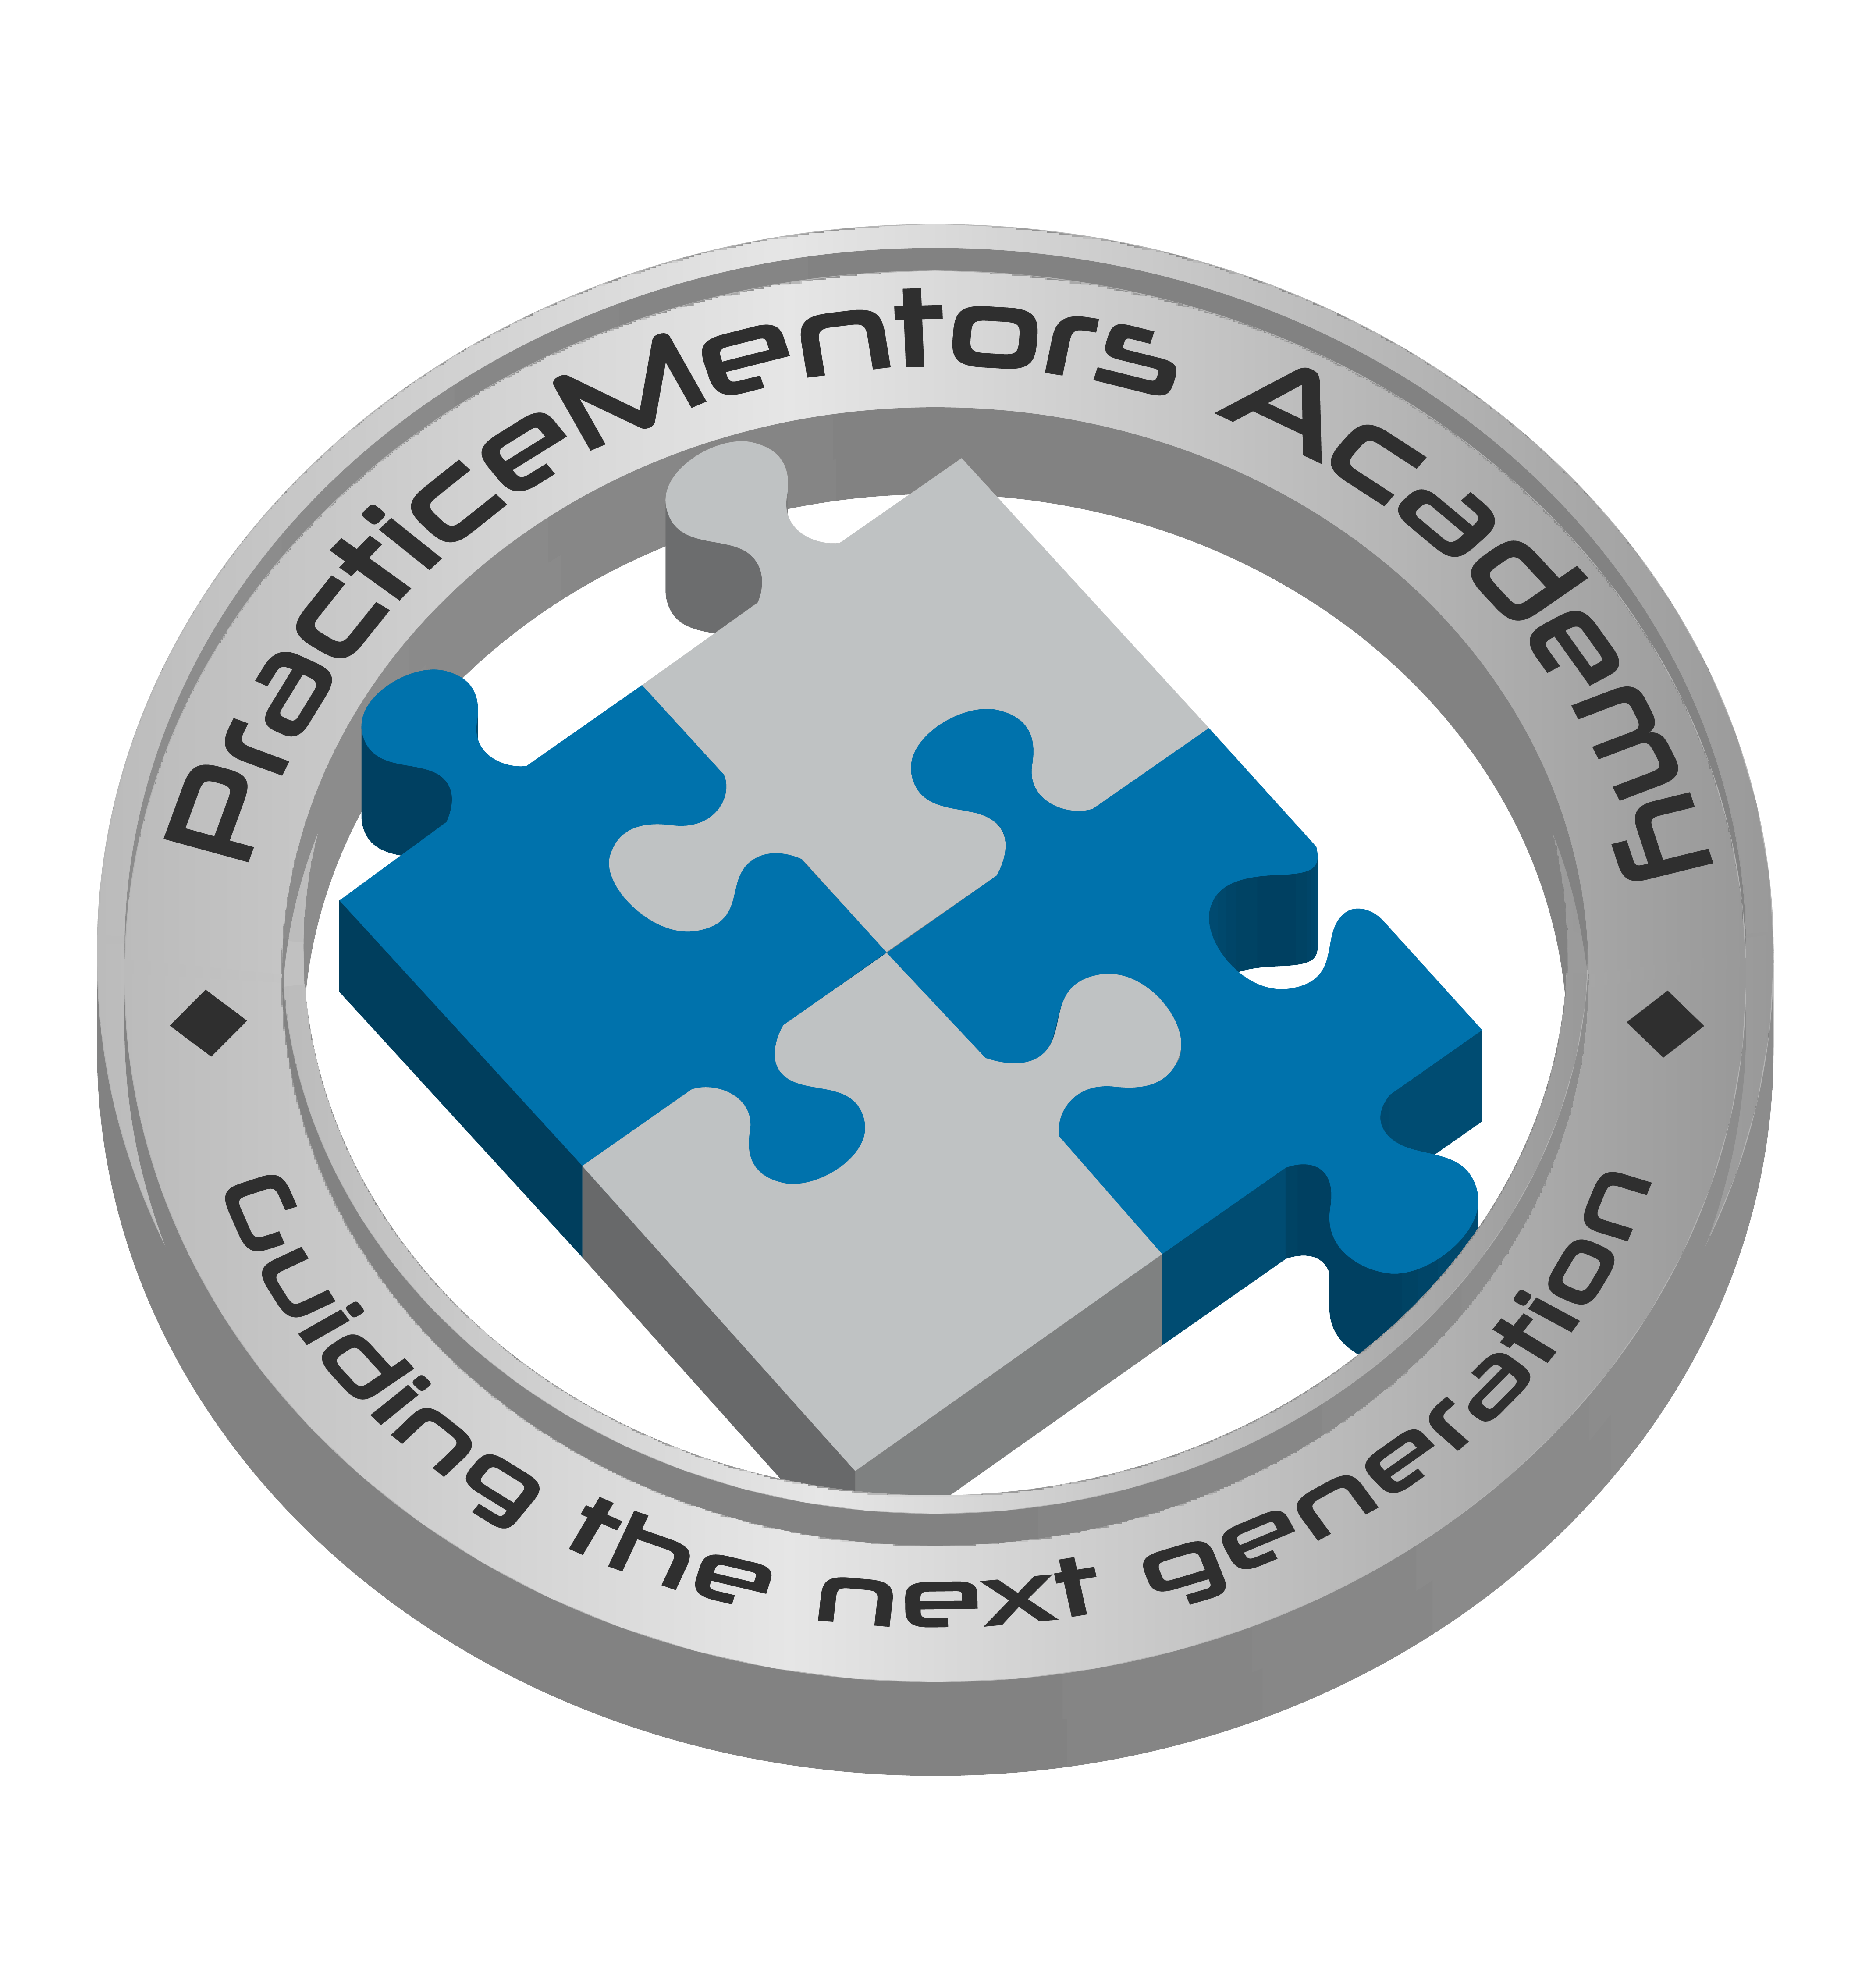 PracticeMentors_Bug_png